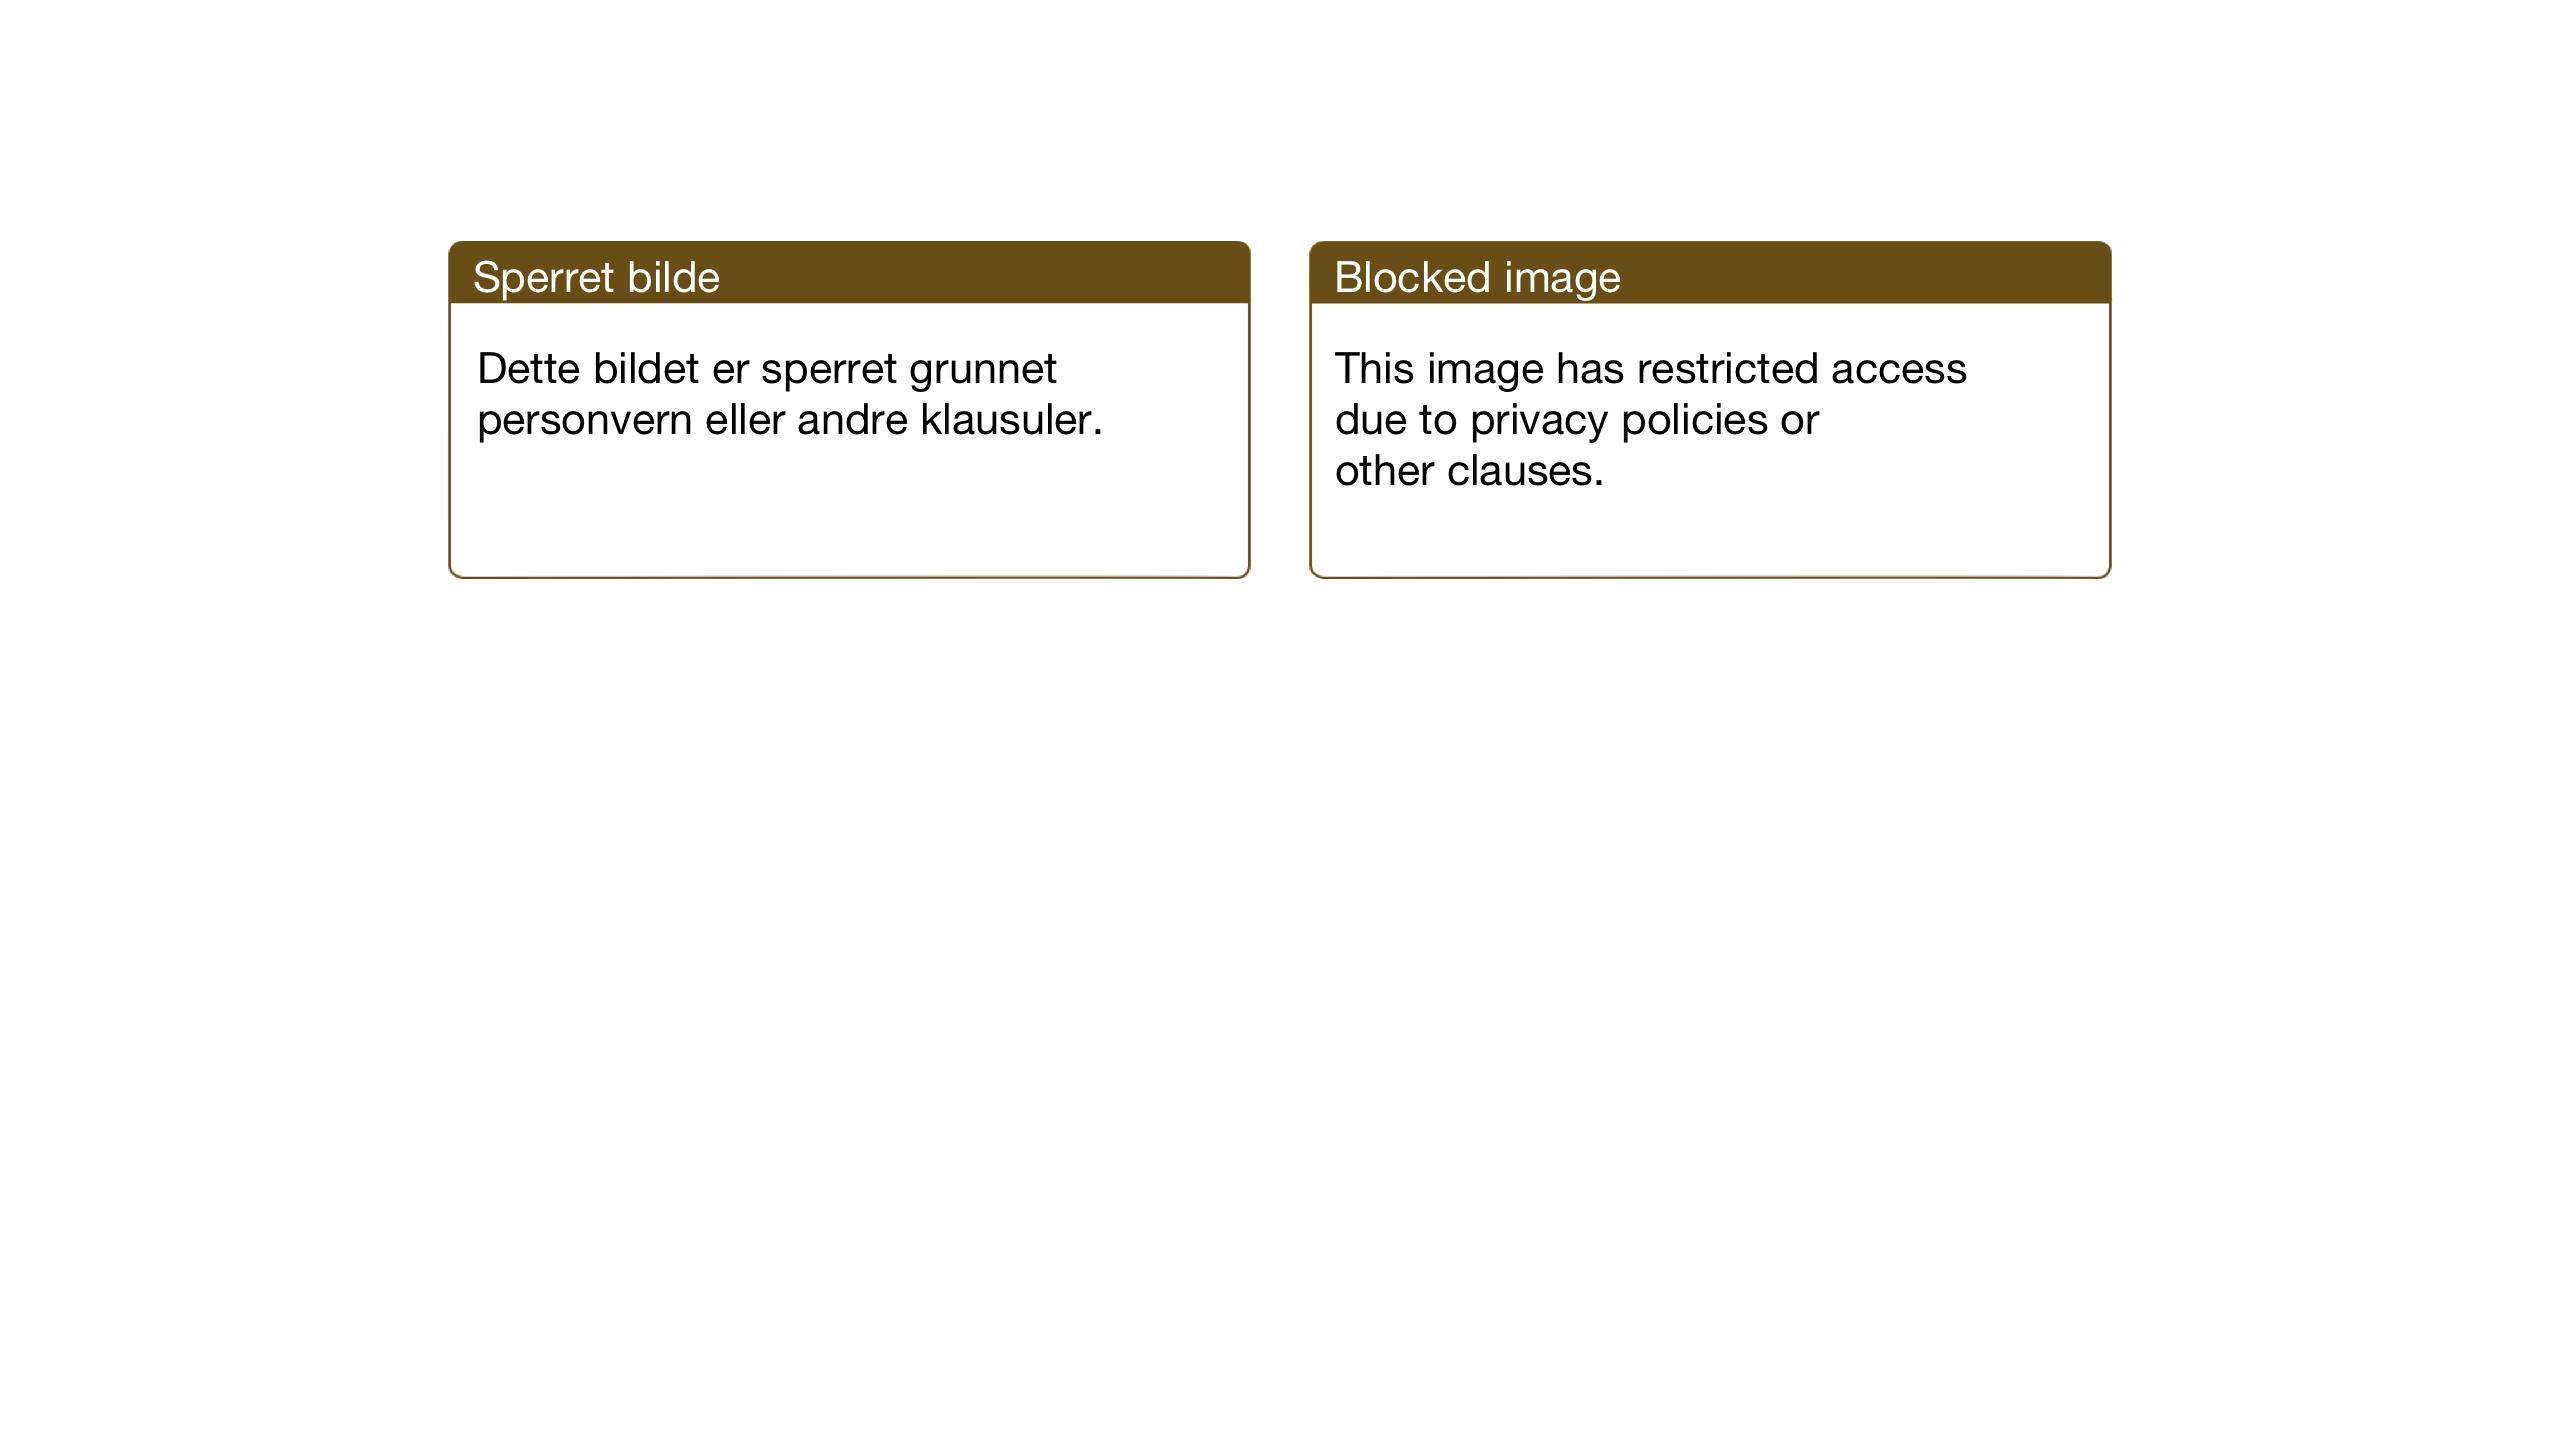 SAT, Ministerialprotokoller, klokkerbøker og fødselsregistre - Sør-Trøndelag, 696/L1161: Klokkerbok nr. 696C01, 1902-1950, s. 60